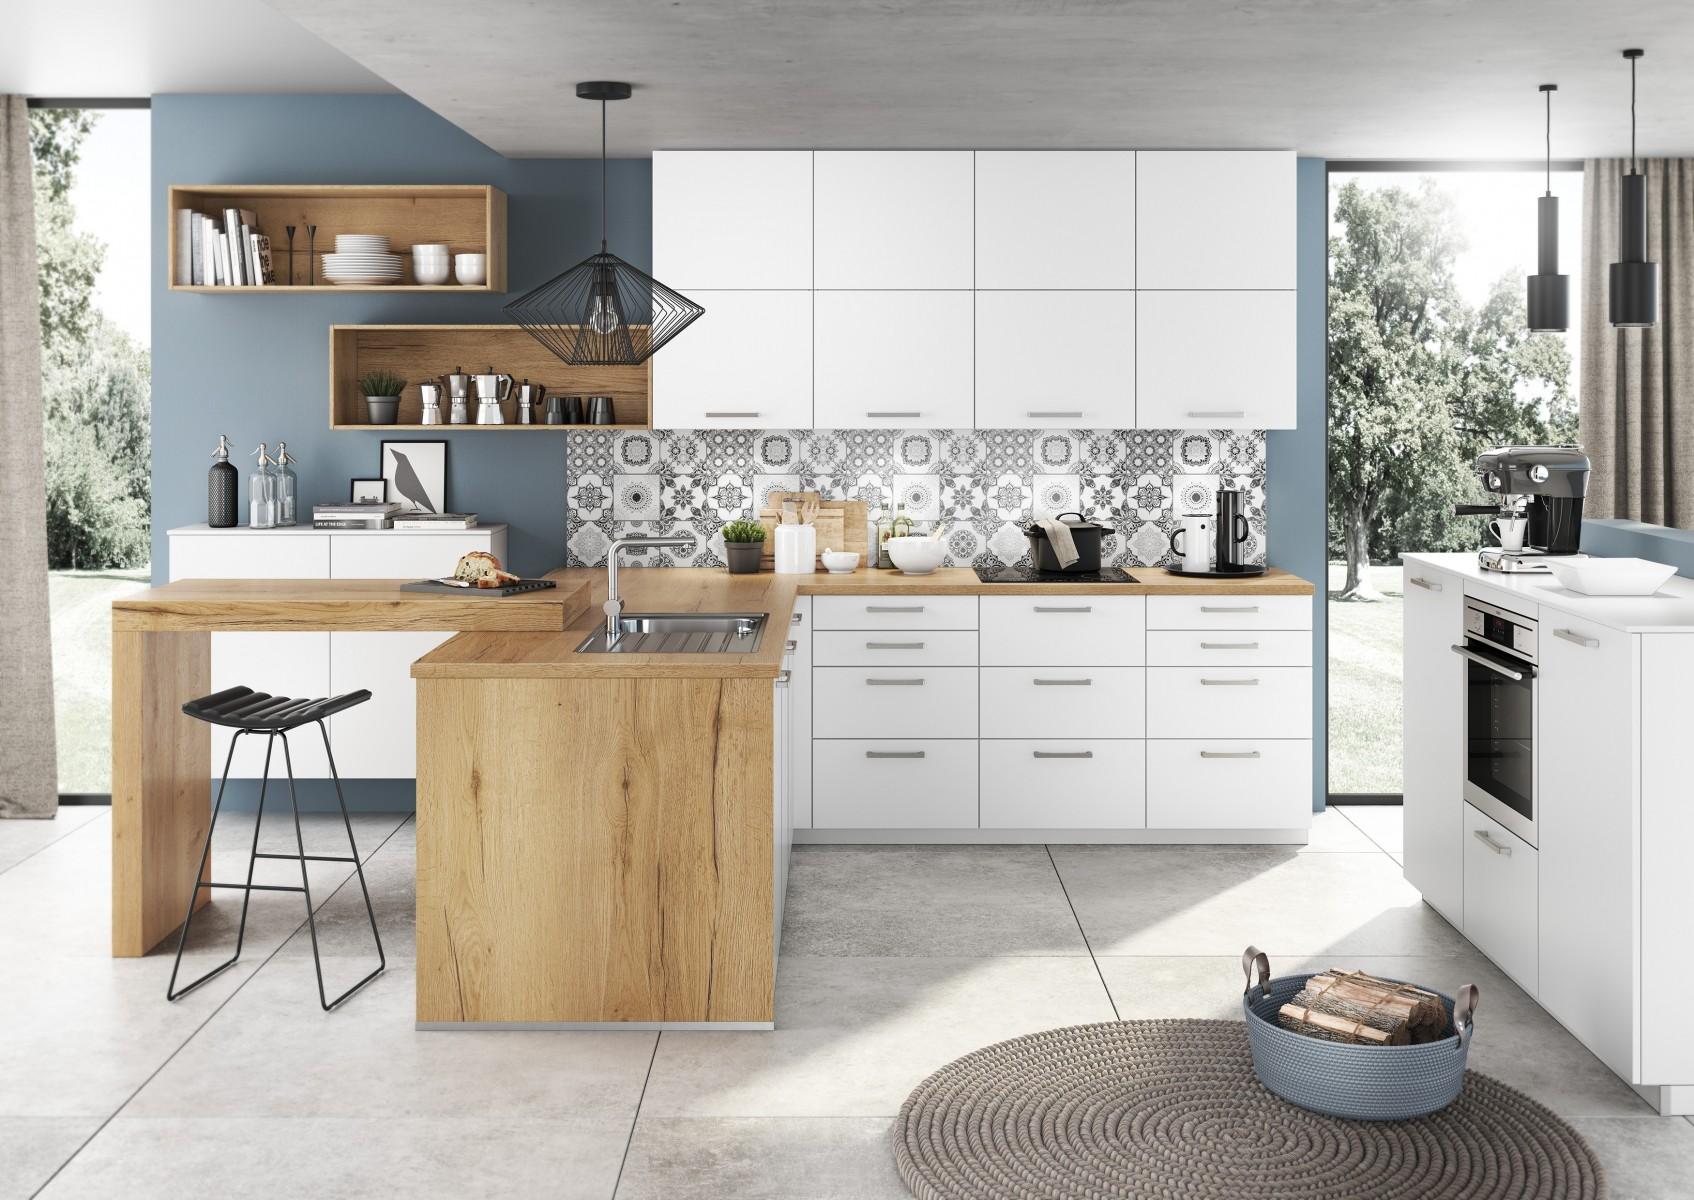 Artego Küche Holz